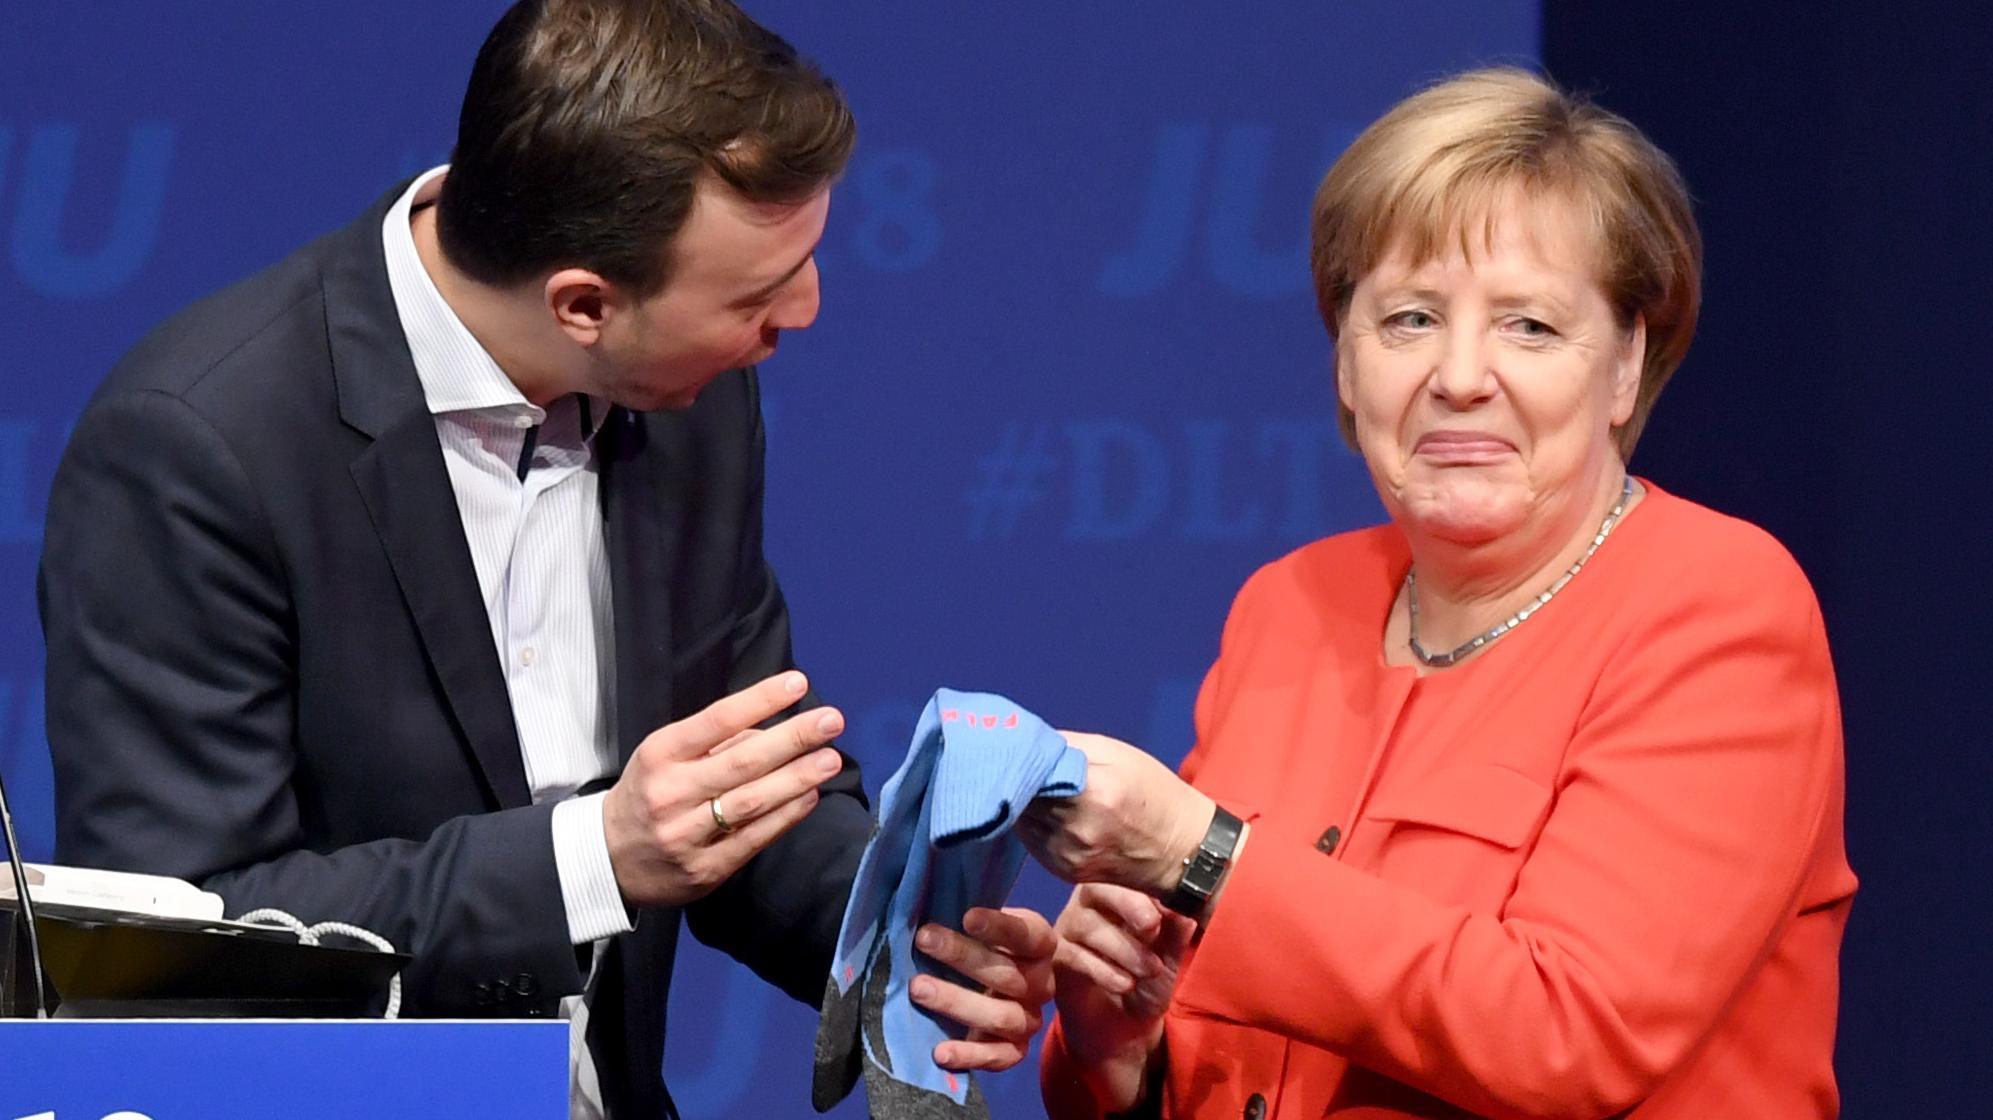 06.10.2018, Schleswig-Holstein, Kiel: Bundeskanzlerin Angela Merkel erhält beim Deutschlandtag der Jungen Union (JU) von Paul Ziemiak ein paar Socken als Geschenk.